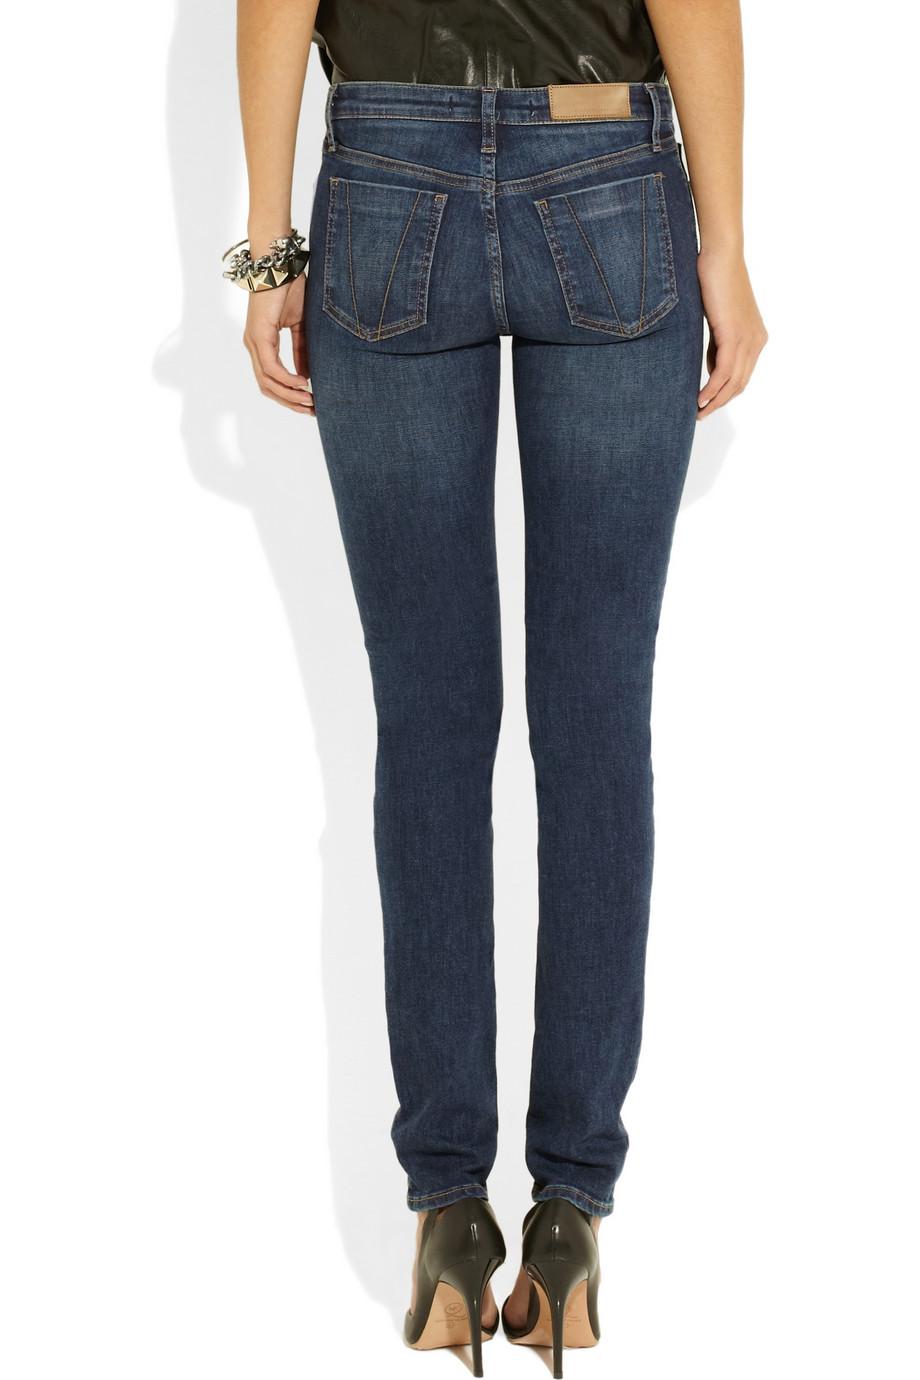 victoria beckham super skinny mid rise jeans in blue lyst. Black Bedroom Furniture Sets. Home Design Ideas